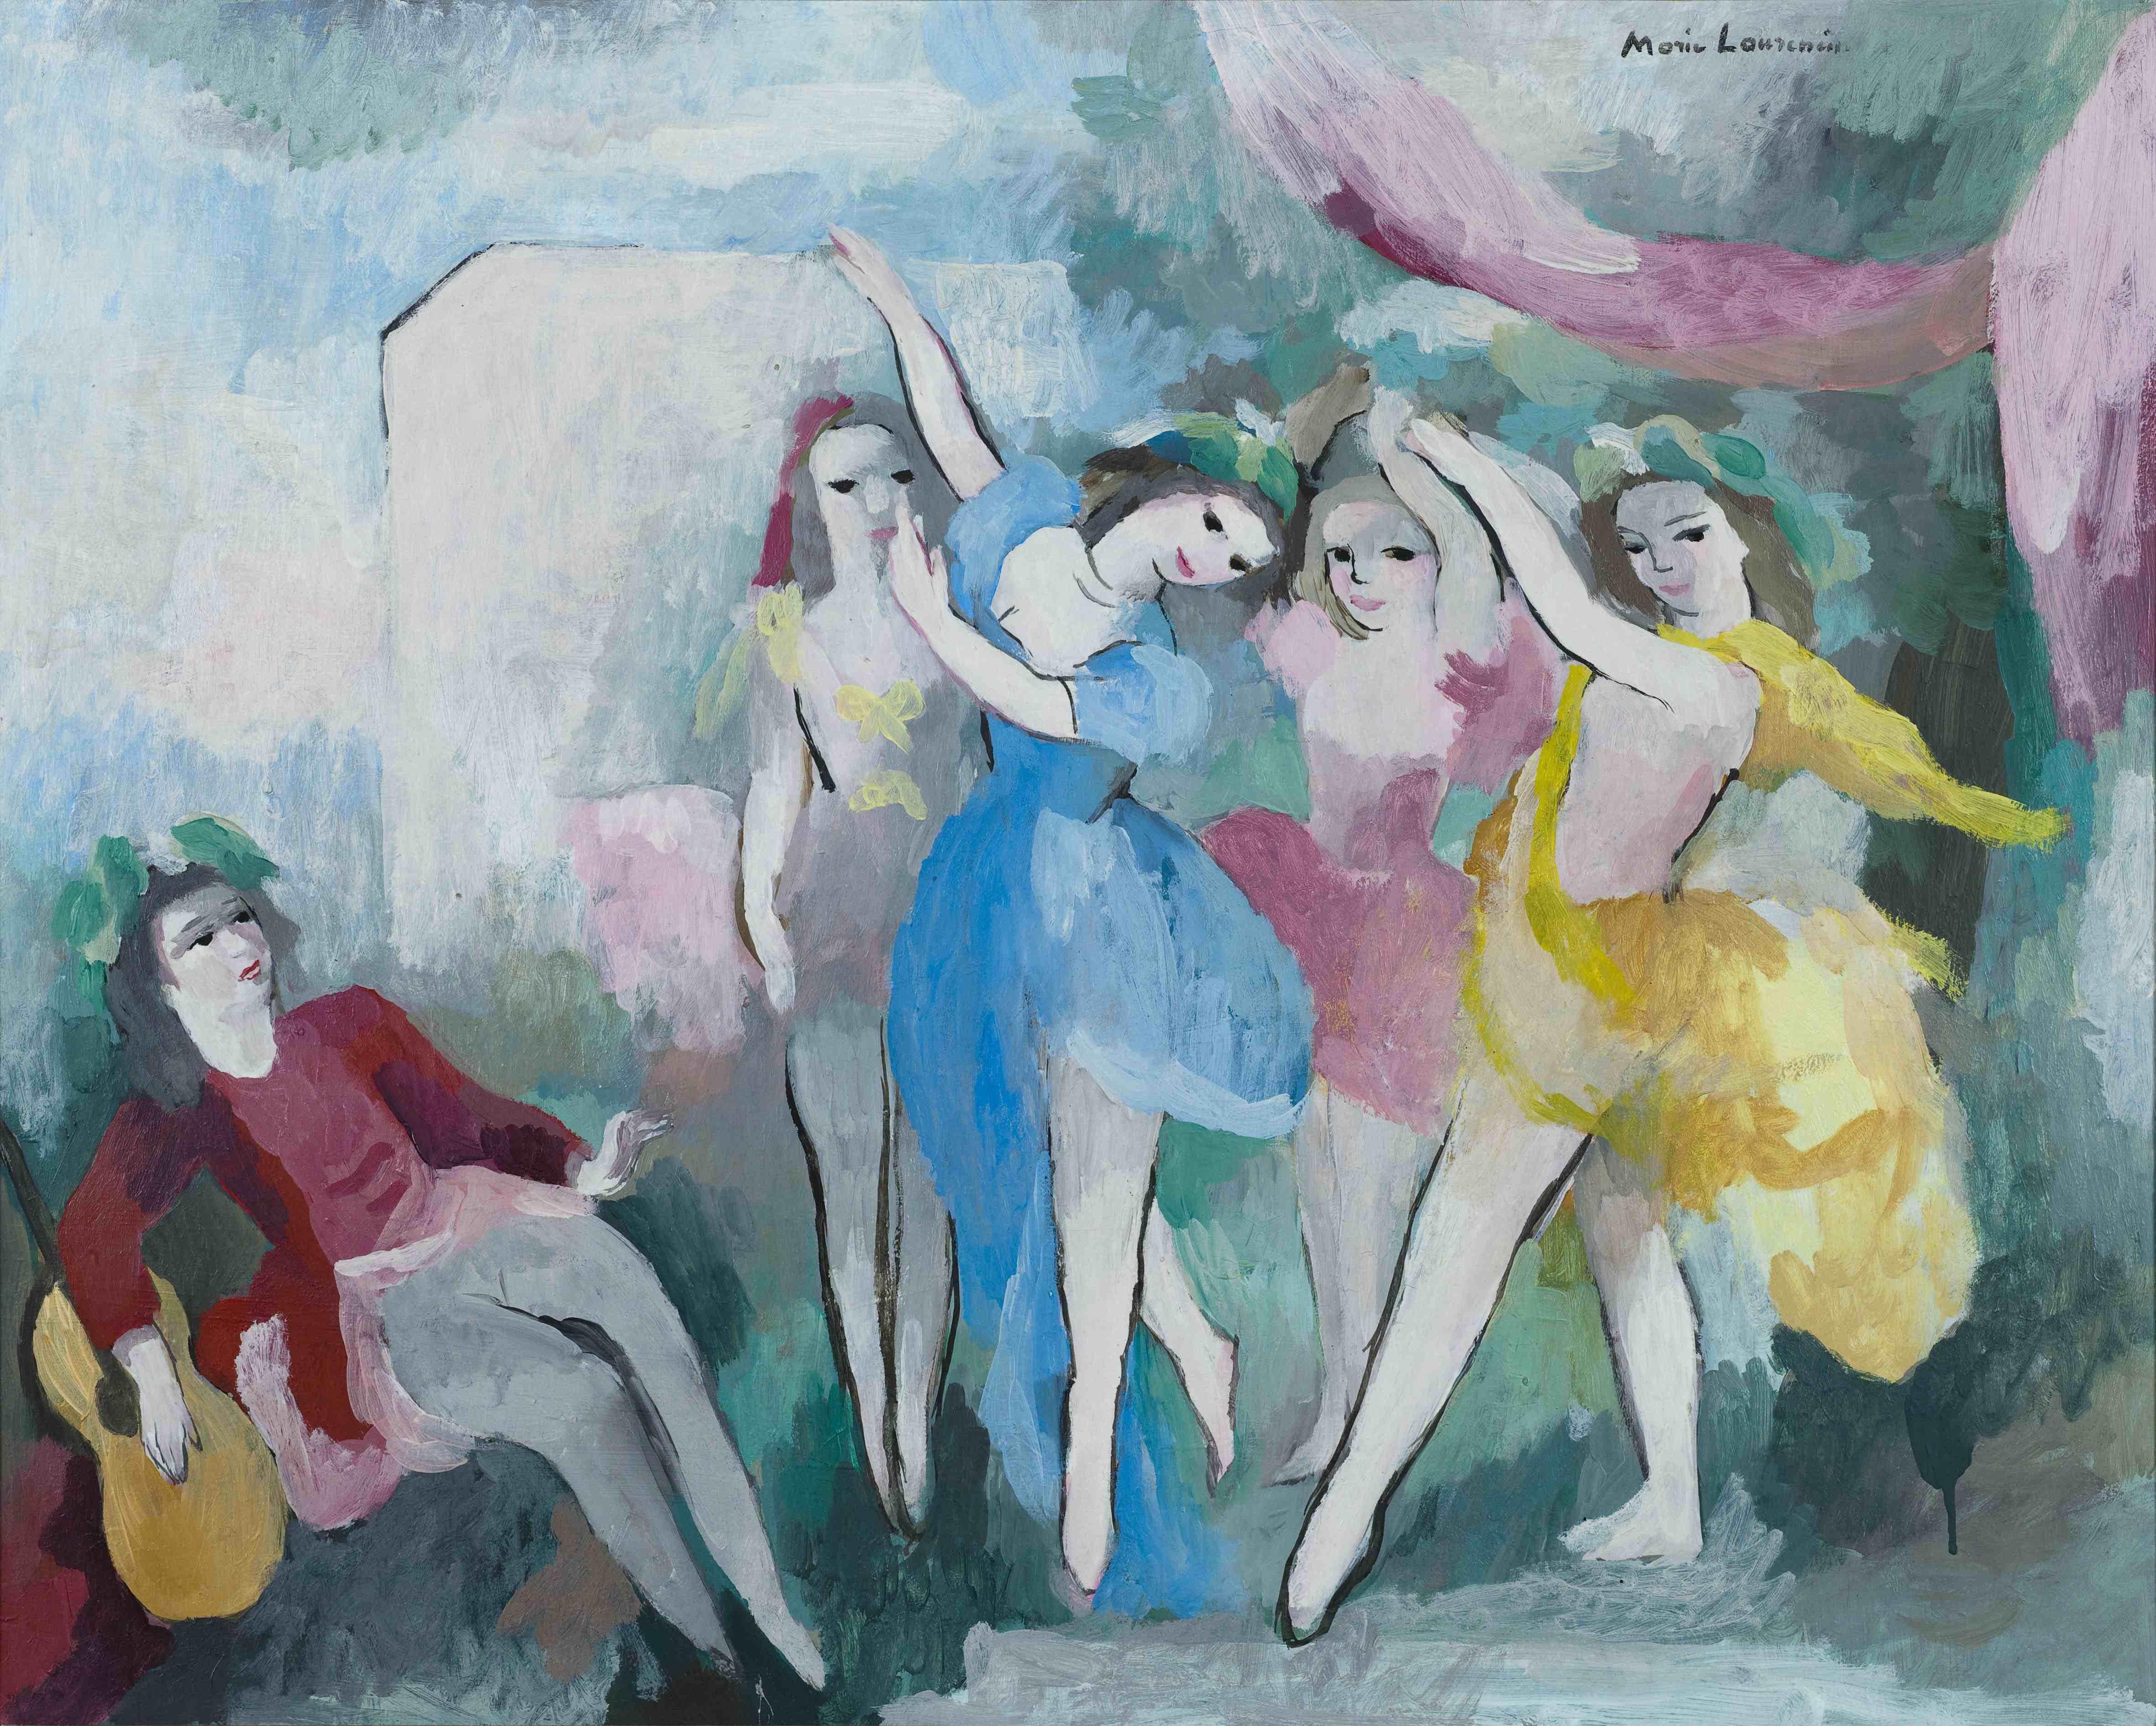 Marie Laurencin au Musée Marmottan-Monet : une exposition pour un public cible ?